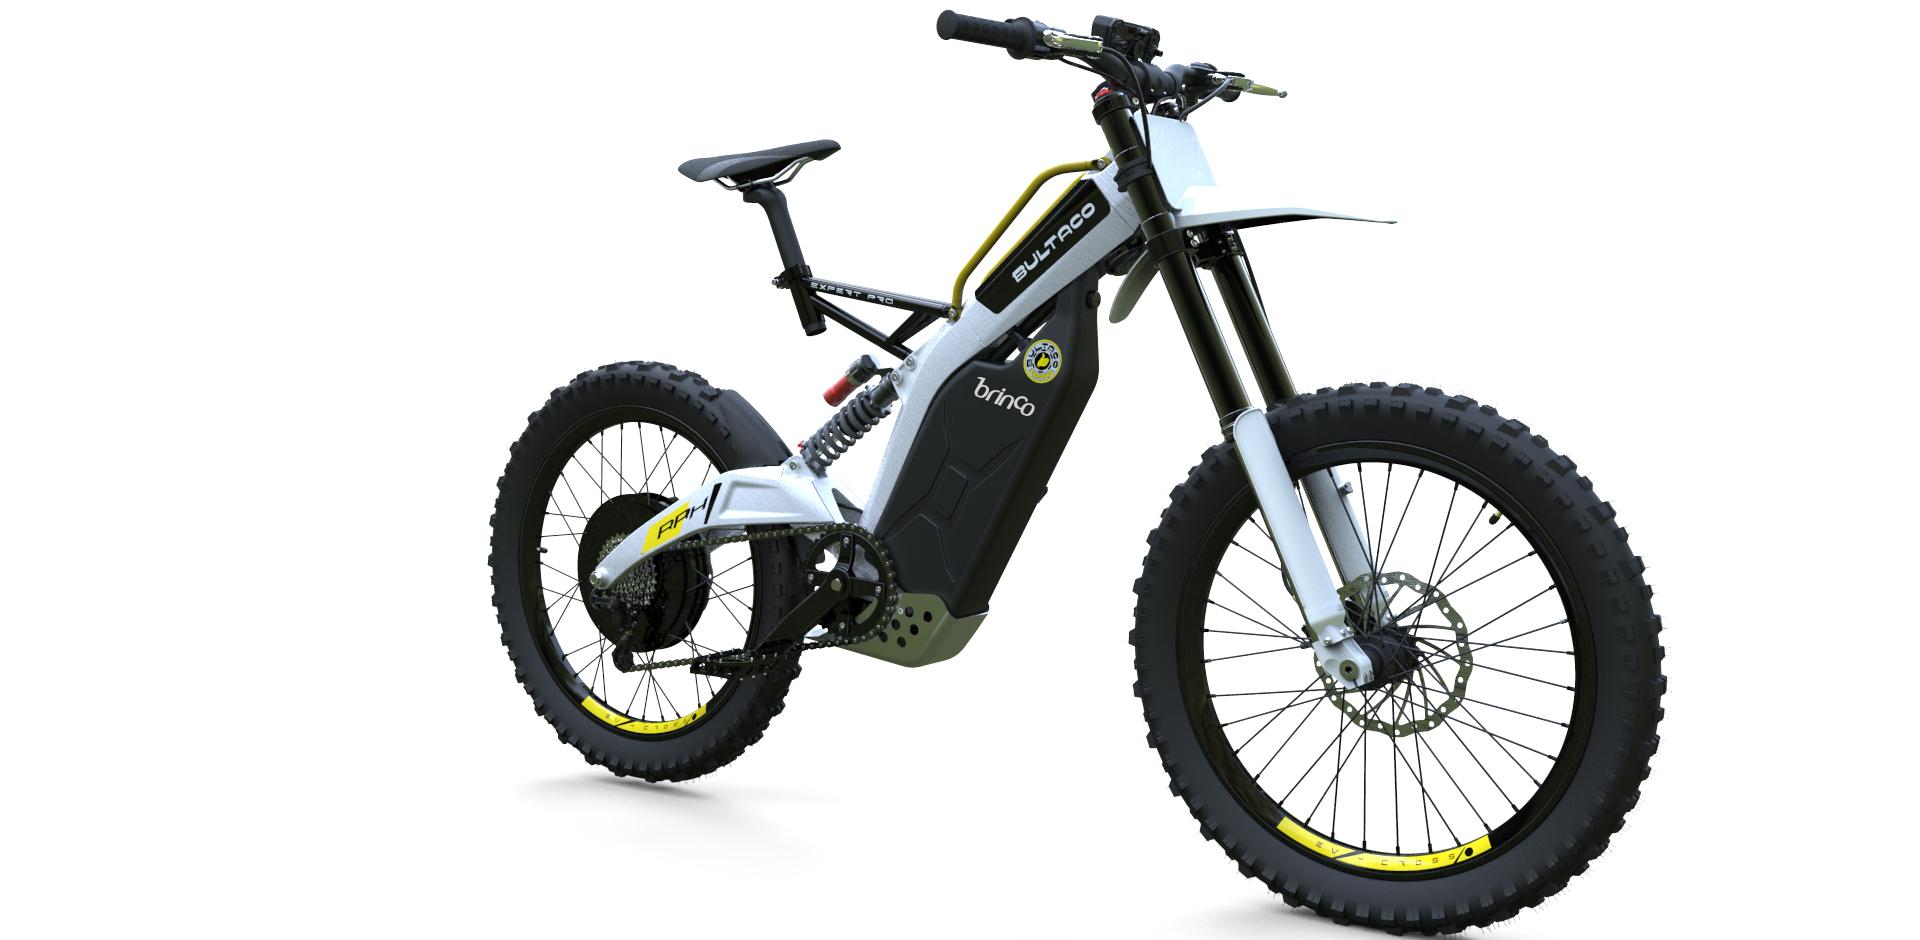 Bultaco lancia l'elettrica Brinco